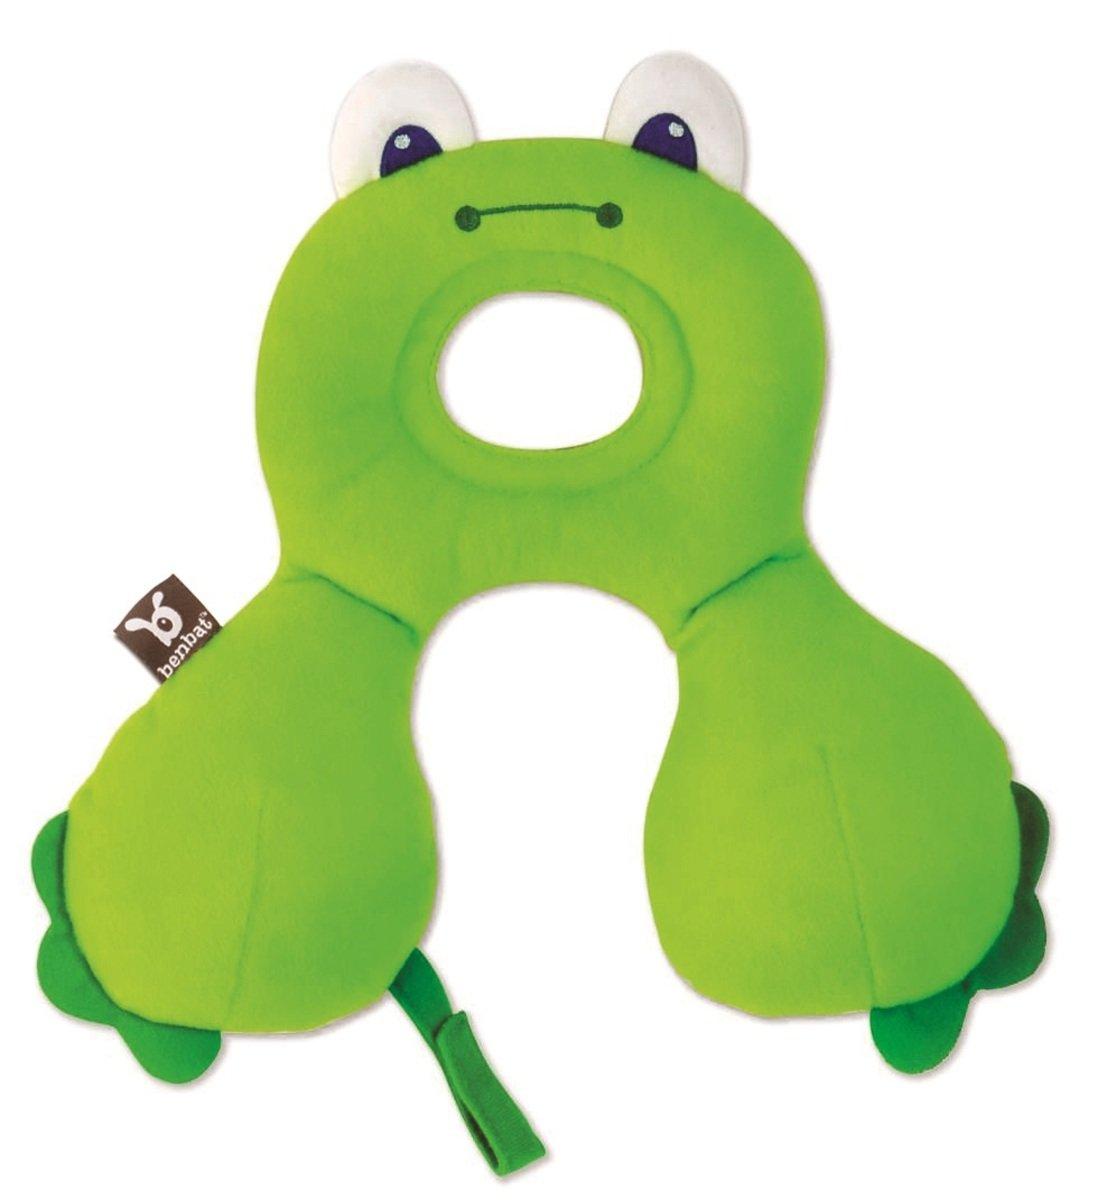 旅遊朋友頸枕 - 青蛙 (0-12個月)